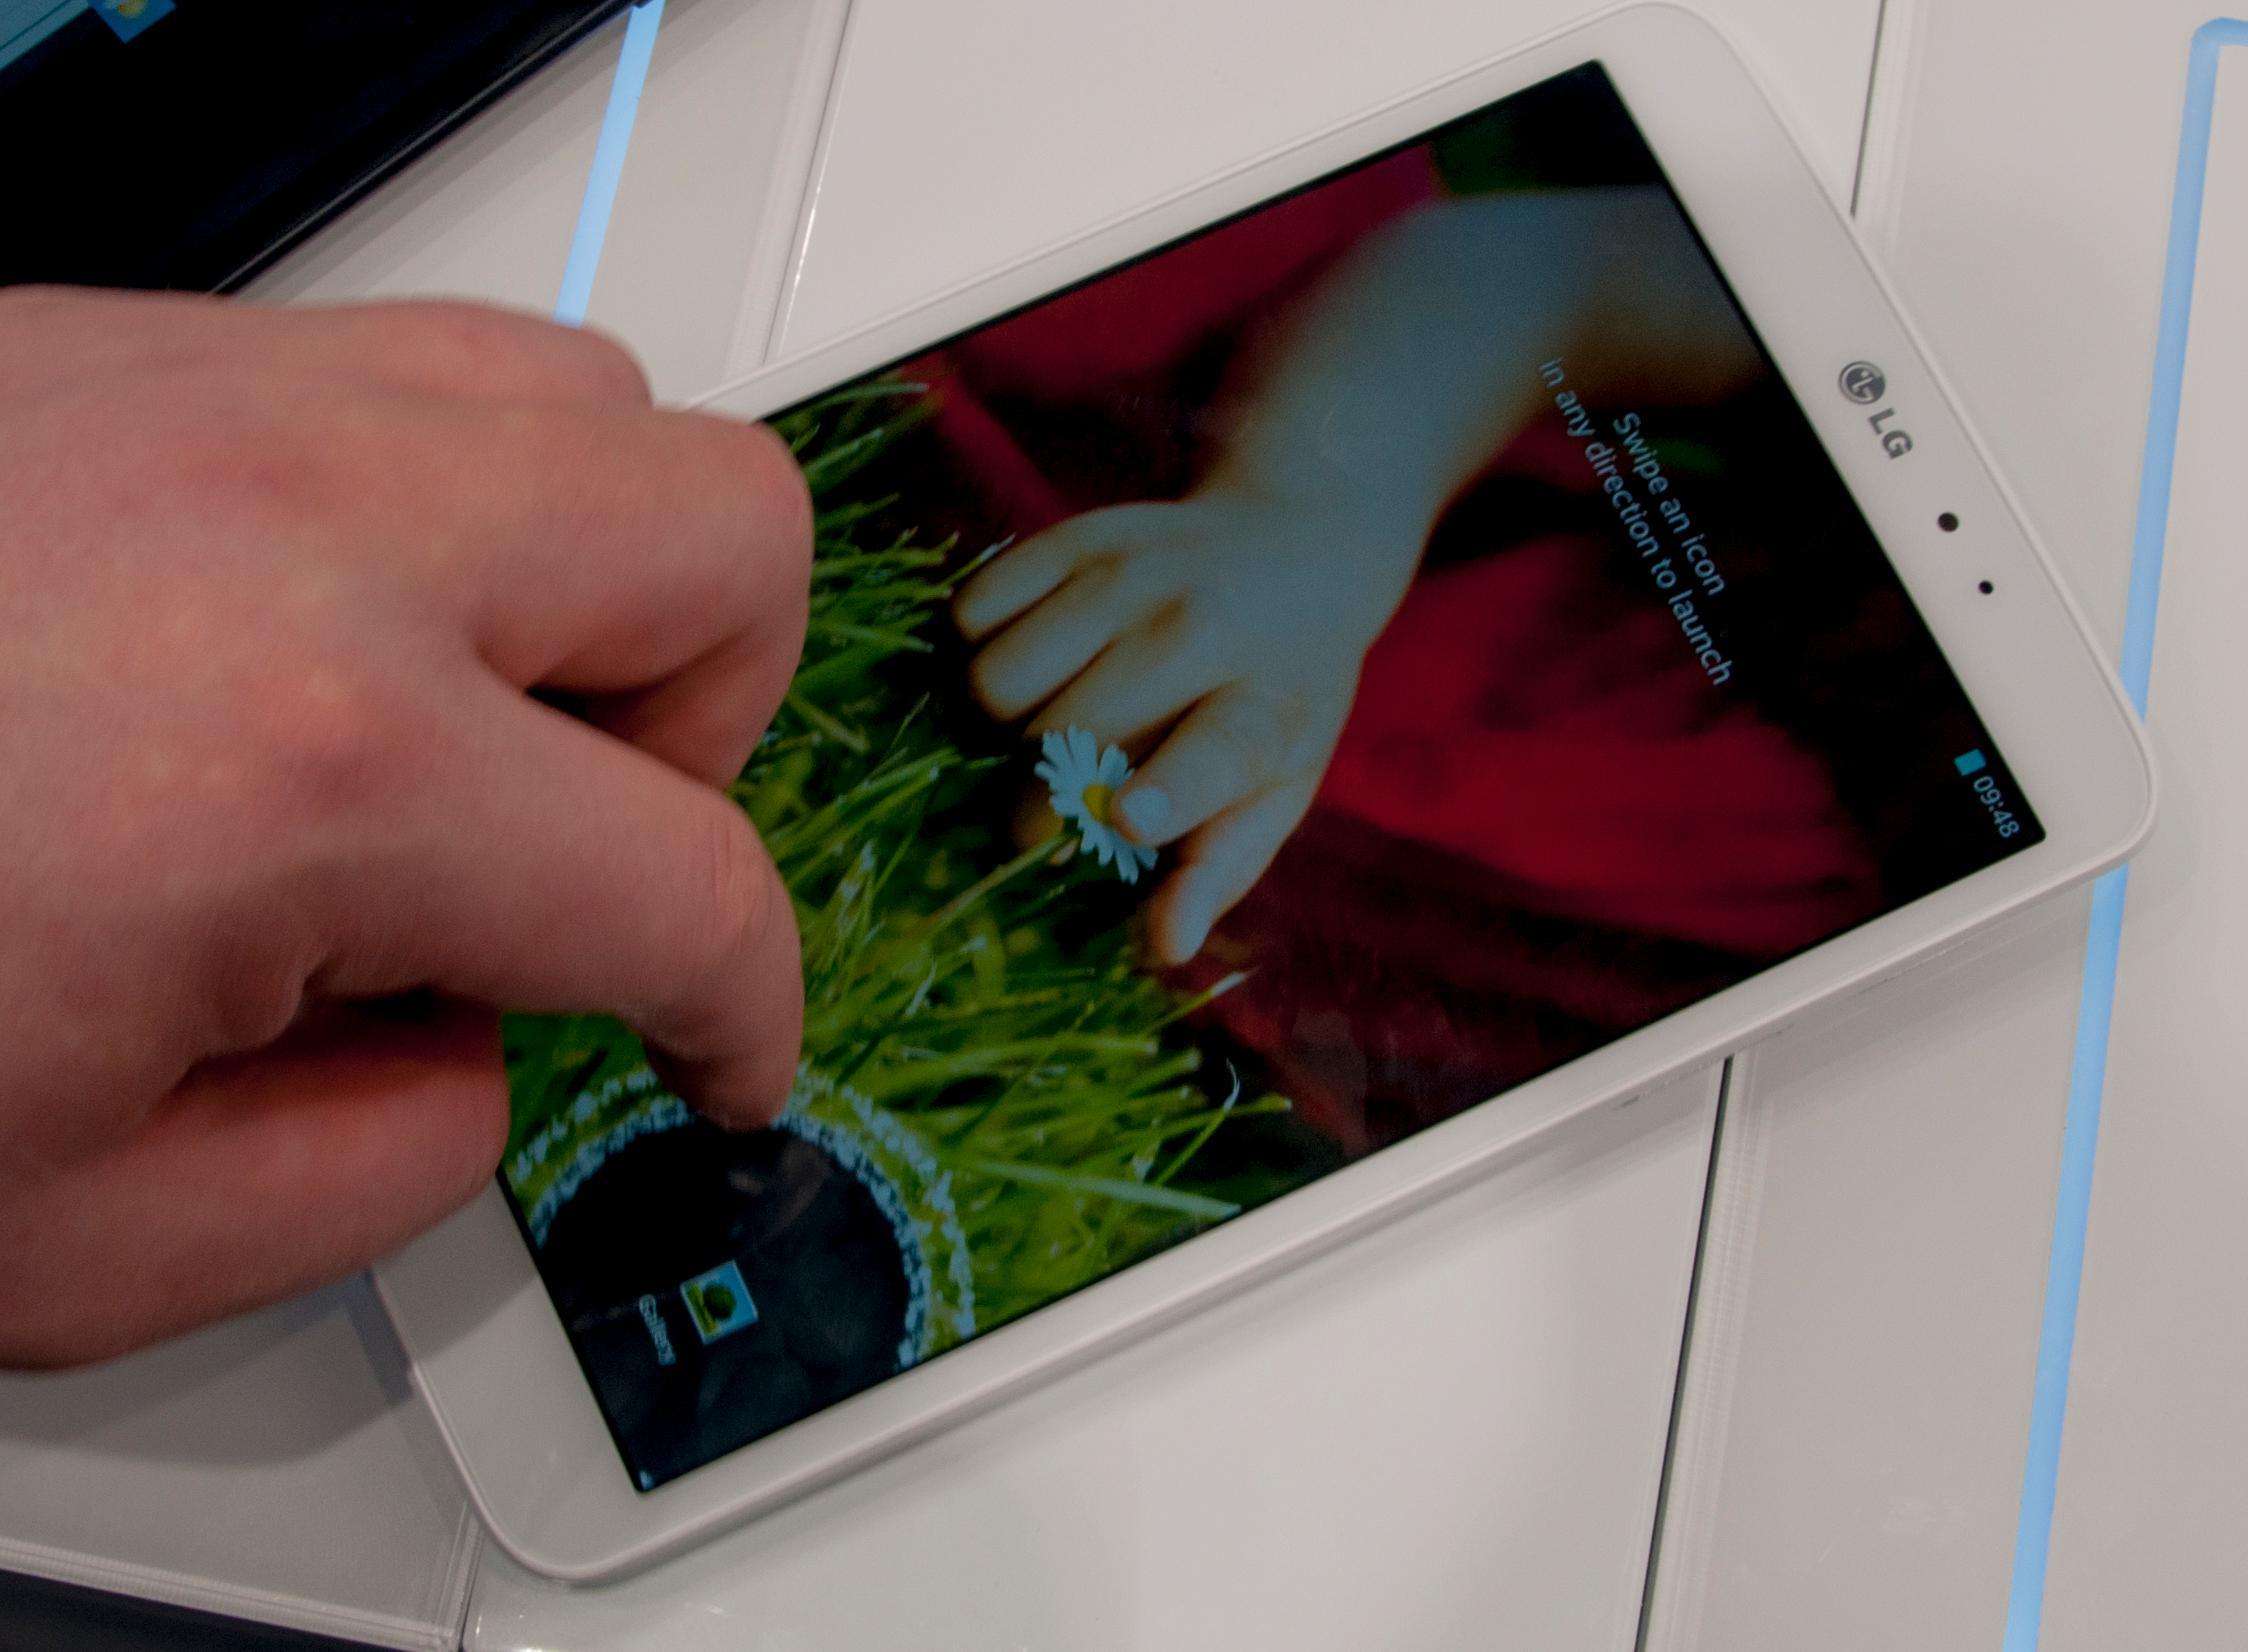 Når du sveiper over låseskjermen åpner det seg en ring rundt fingeren din. Her bruker vi en av snarveiene nederst på skjermen. Sveiper du lenger oppe på skjermen vises skjermbildet bak låseskjermen inni ringen.Foto: Finn Jarle Kvalheim, Amobil.no